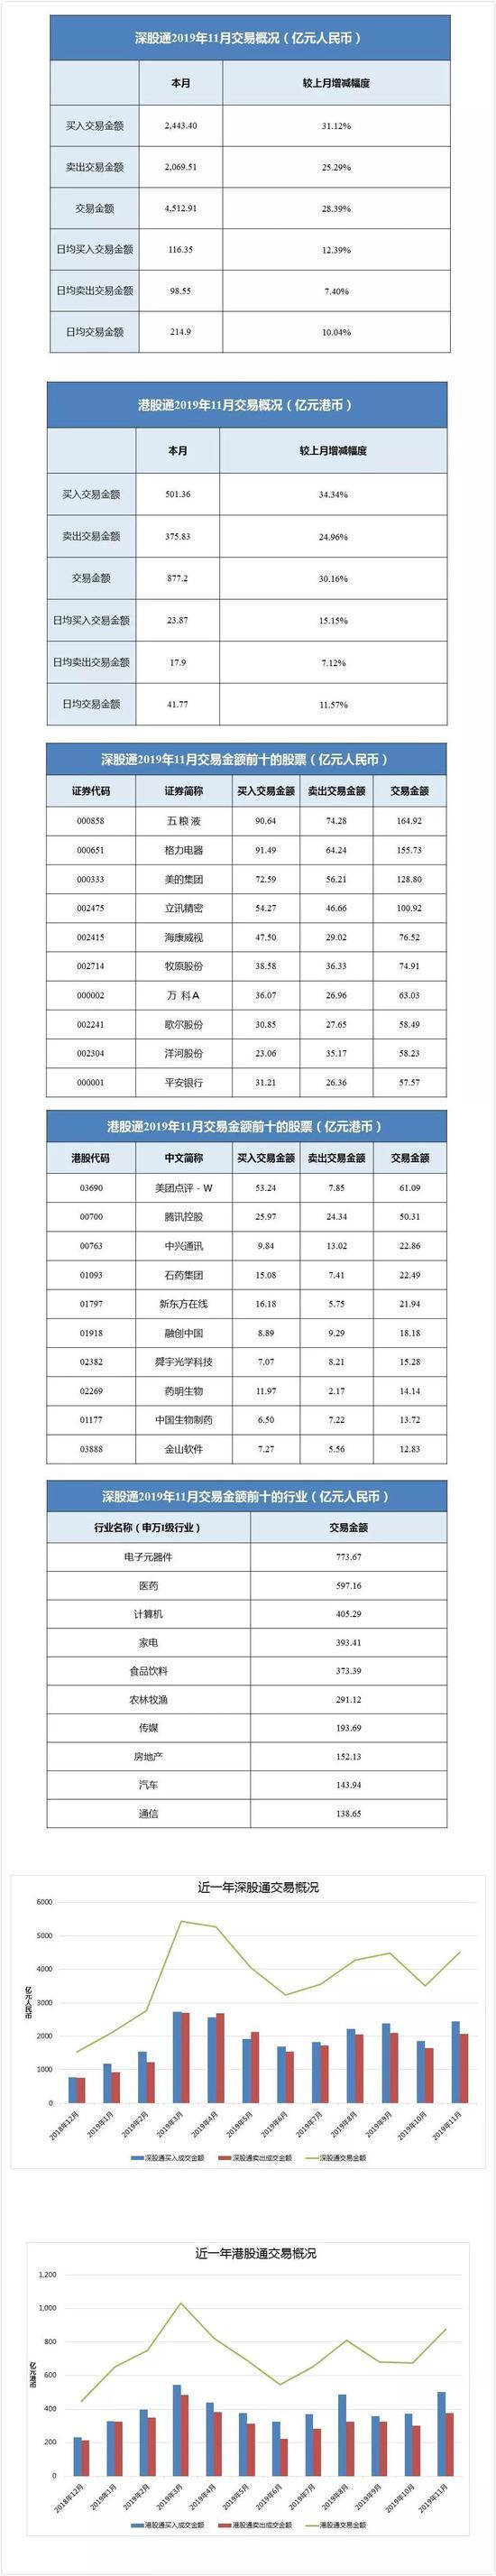 武汉发现不明原因肺炎病例27例最新情况都在这里了